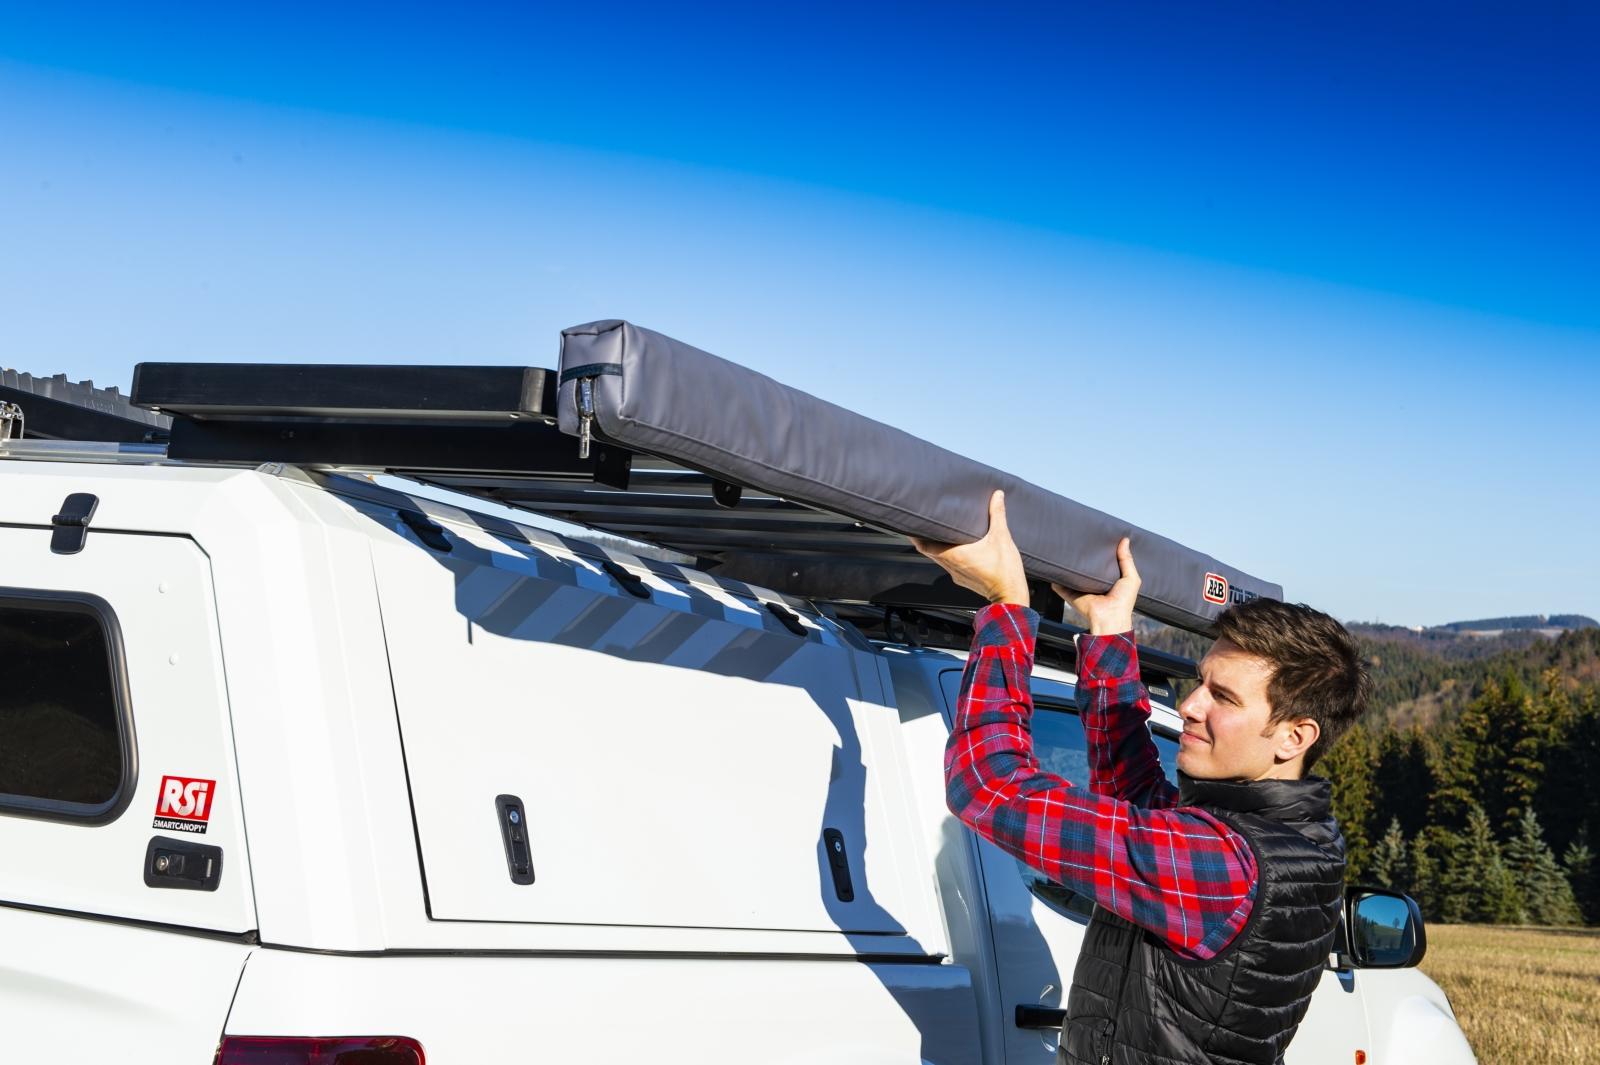 F Taubenreuther Isuzu D-MAX - Die ARB-Markise ist am seitlich abklappbaren Smartrack-Dachträger montiert.